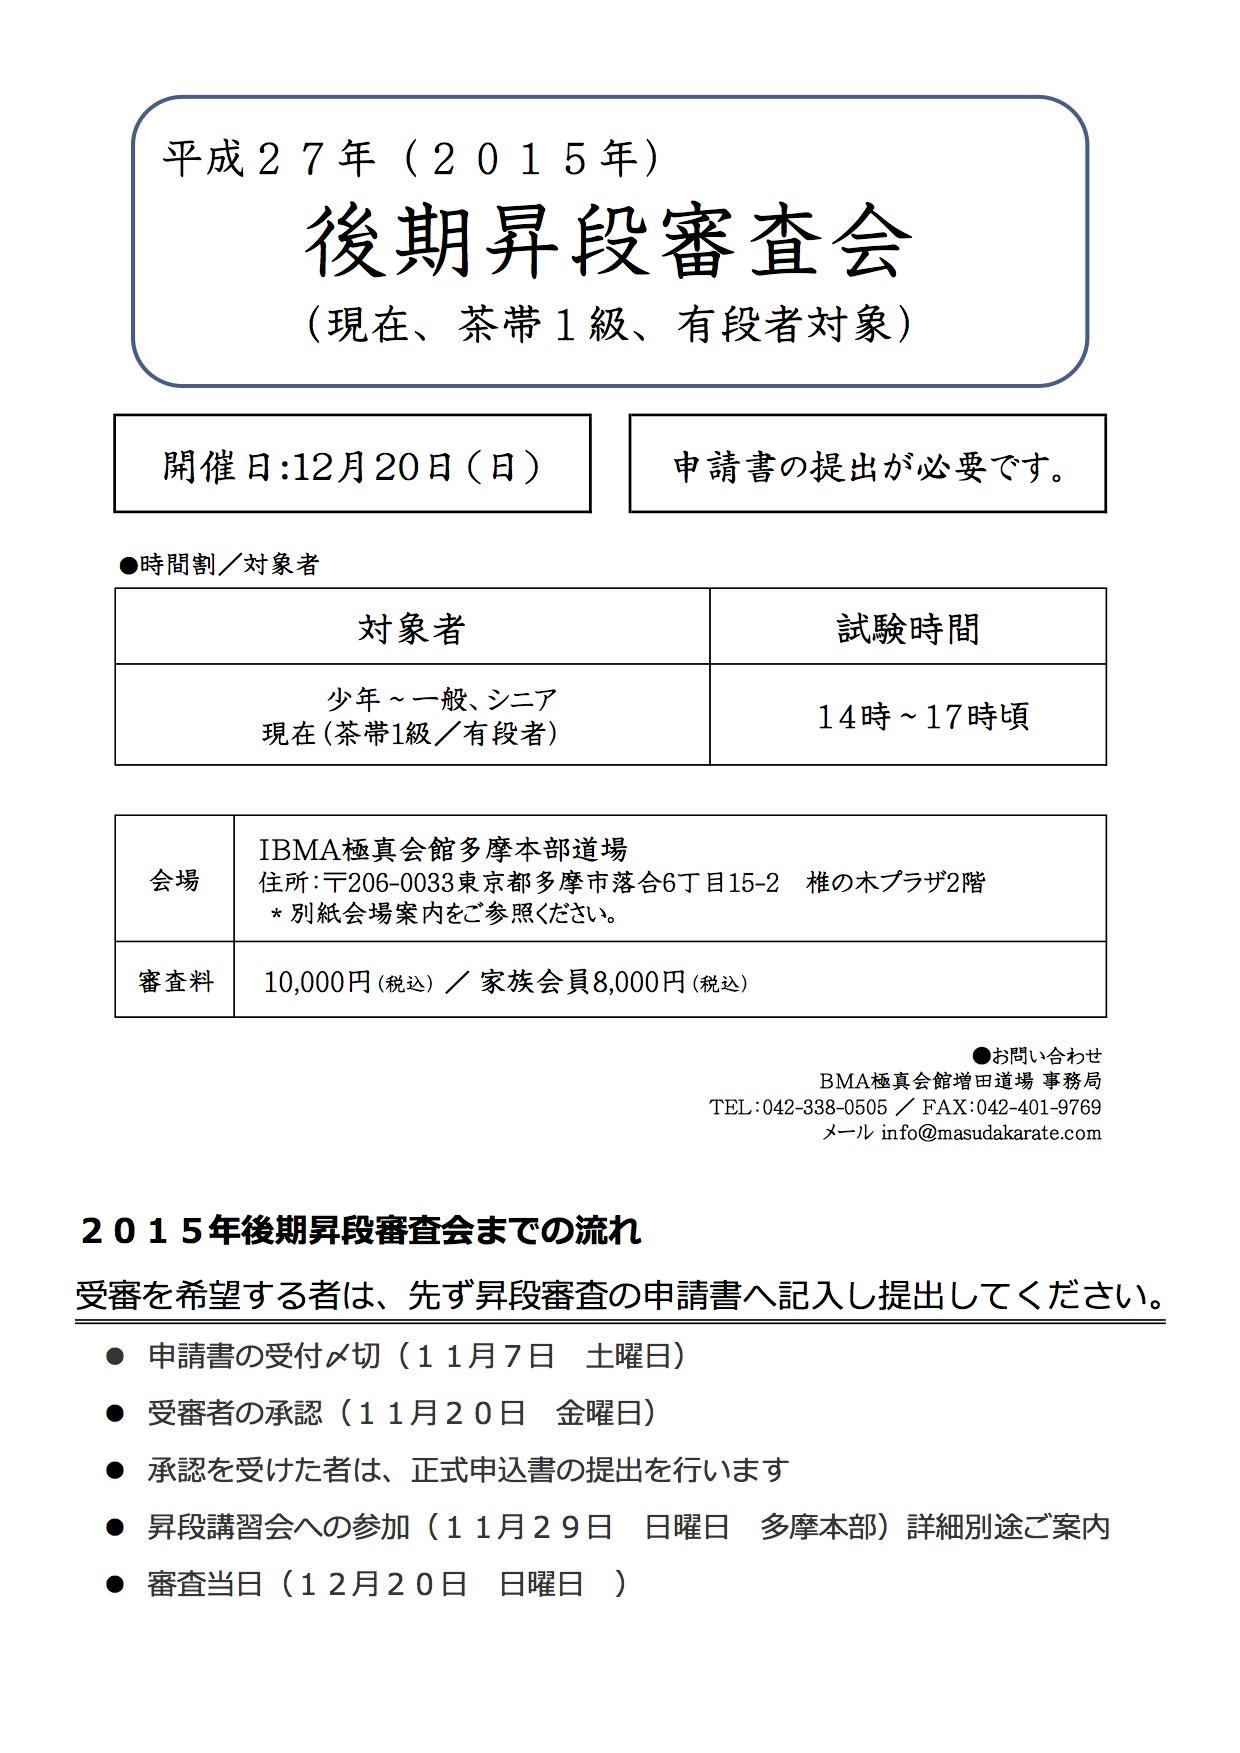 2015年 後期 昇段審査 申請書サイト用3